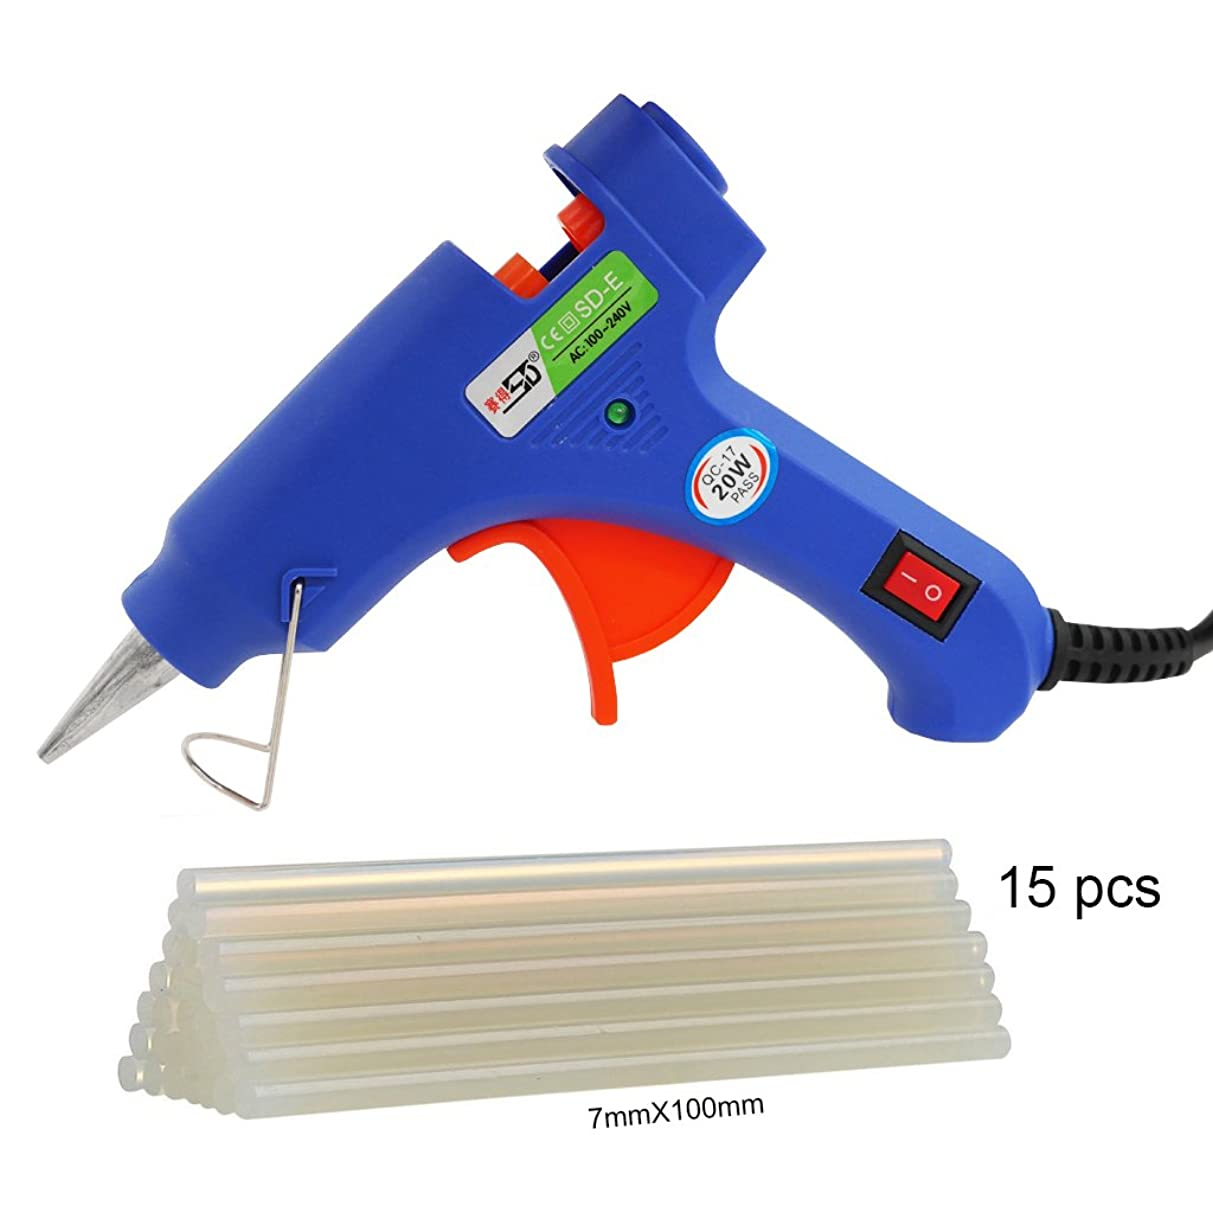 Ilves Mini Glue Gun with 15 Glue Sticks - 20W